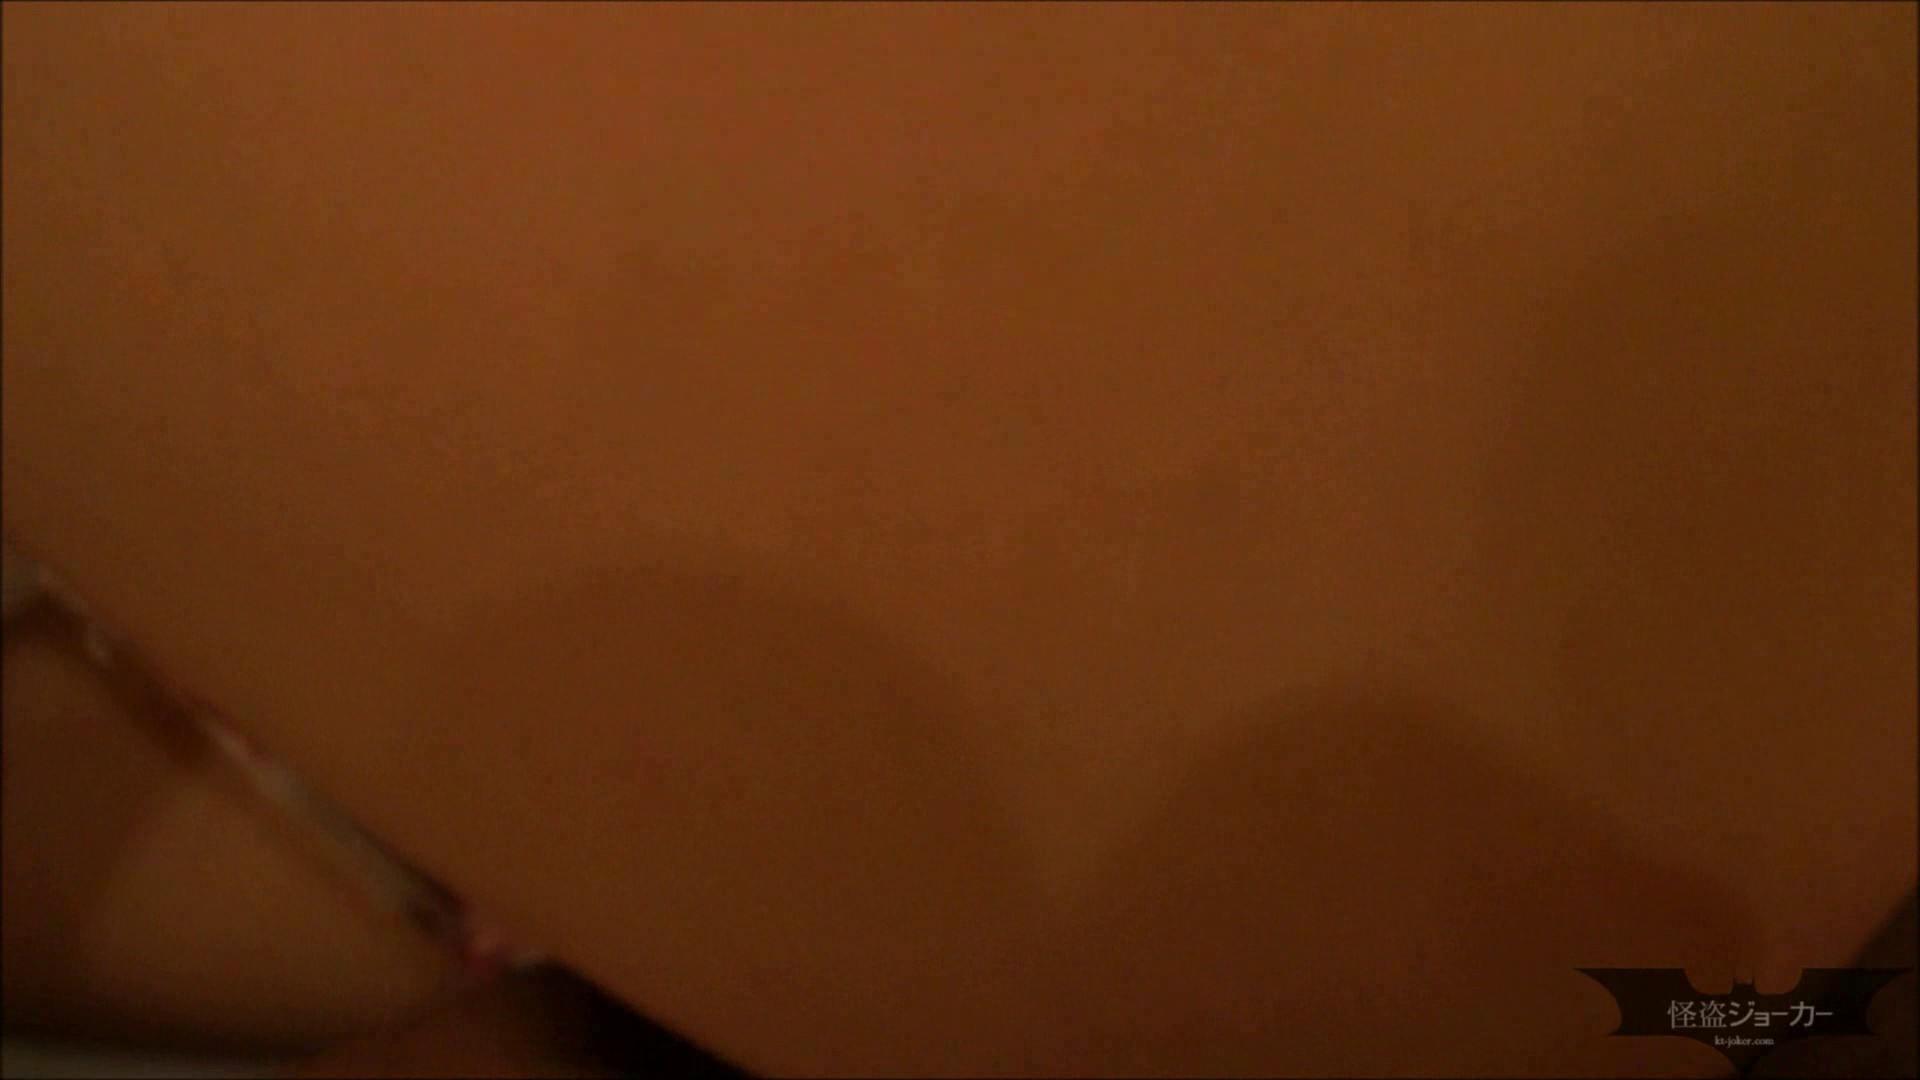 【未公開】vol.19 セレブ美魔女・仕事帰りに口淫、膣内射精、滴り落ちる精液。 丸見え   巨乳  86枚 12